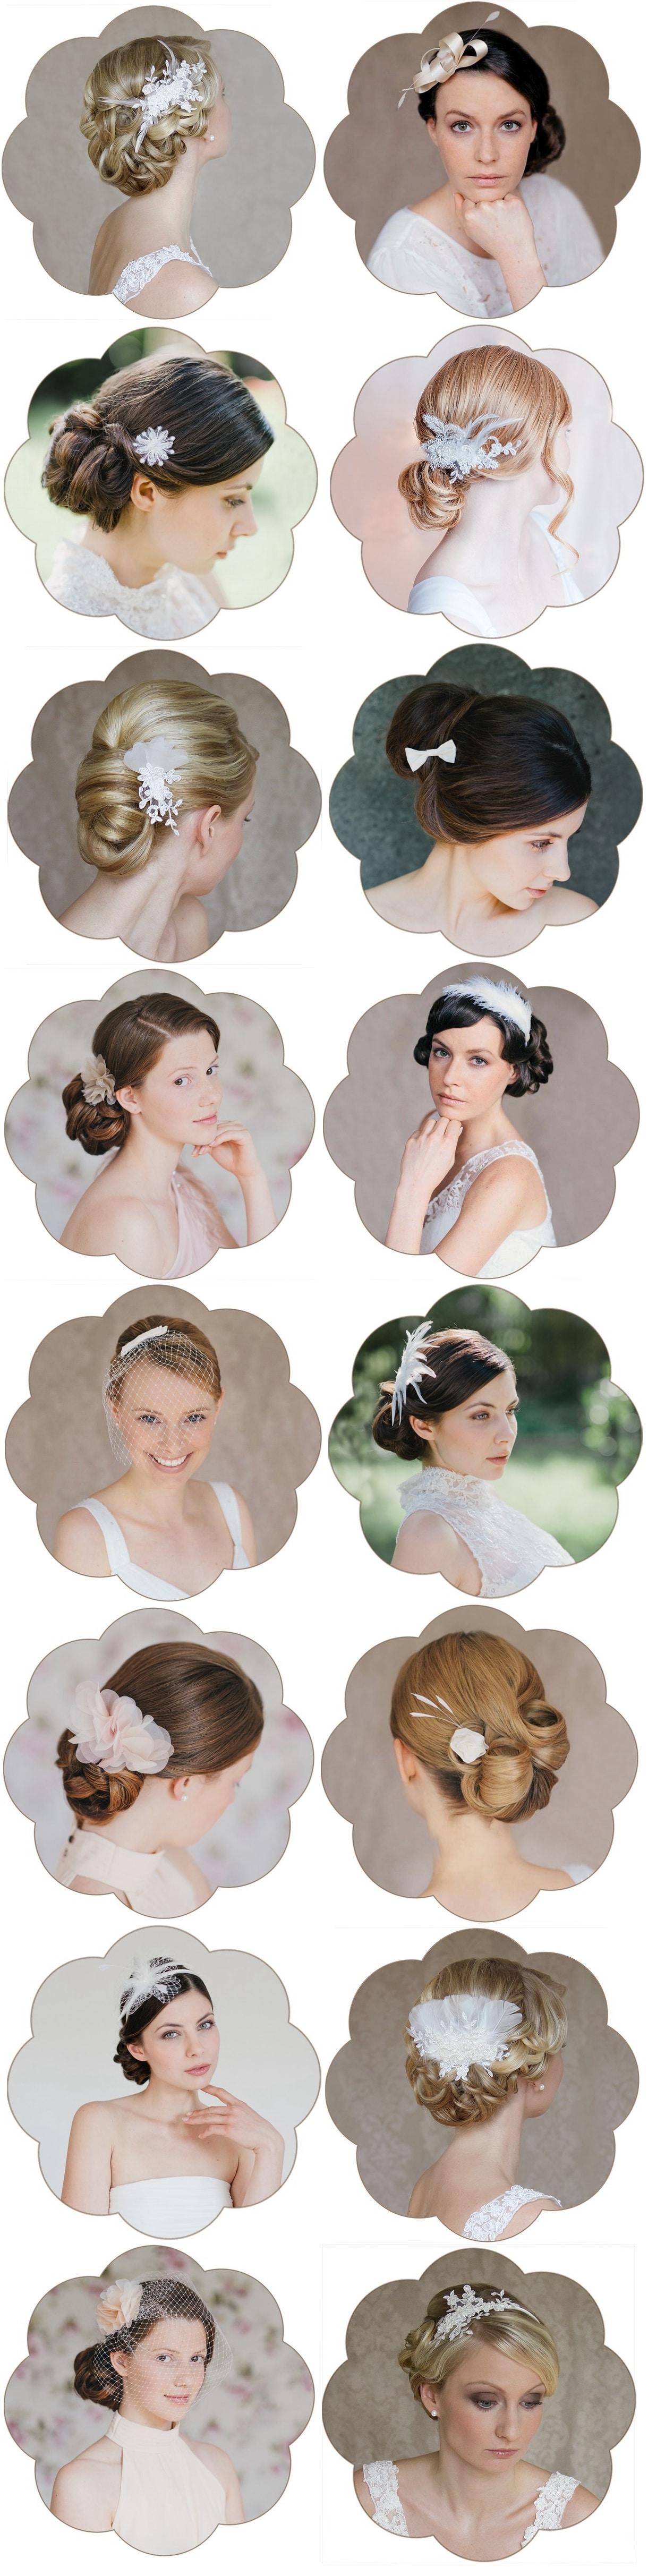 Die schönsten Fascinator, Birdceages, Haarblüten und Haarreifen aus Federn und Spitze von Schönmich Accessoires.